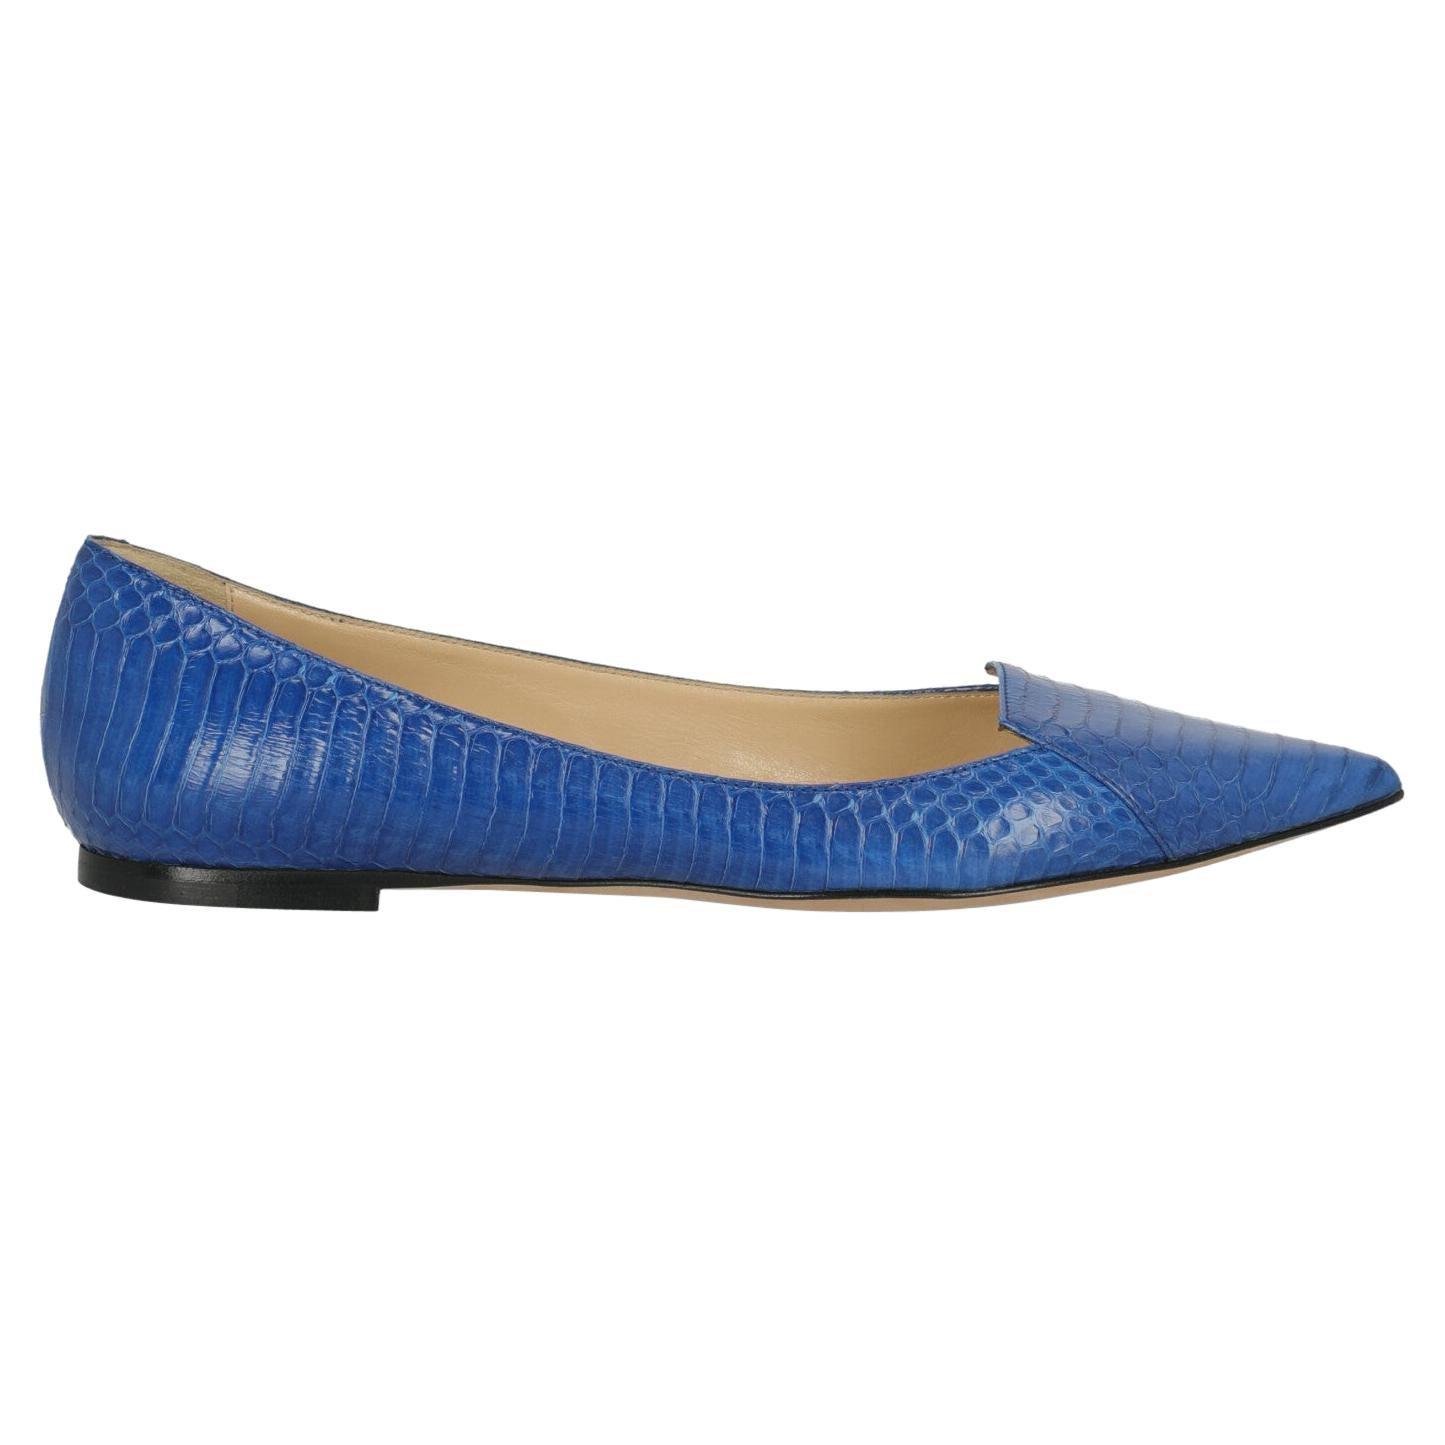 Jimmy Choo Women  Ballet flats Blue Leather IT 39